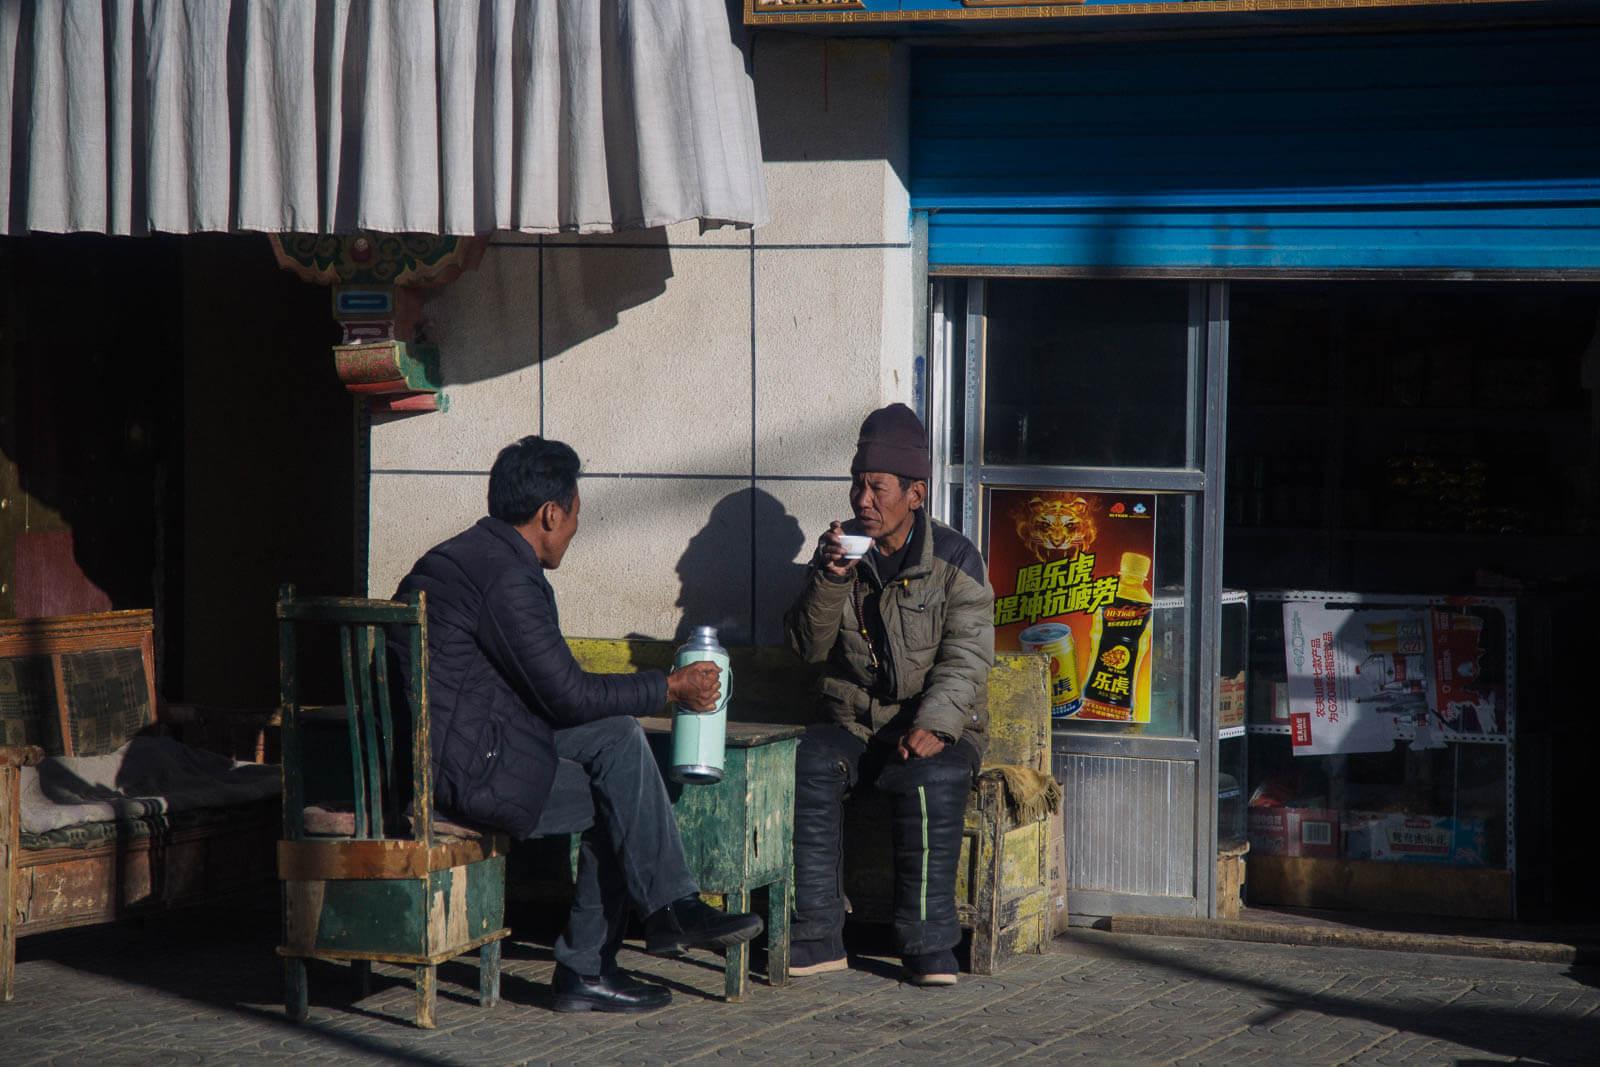 tibet-road-3178